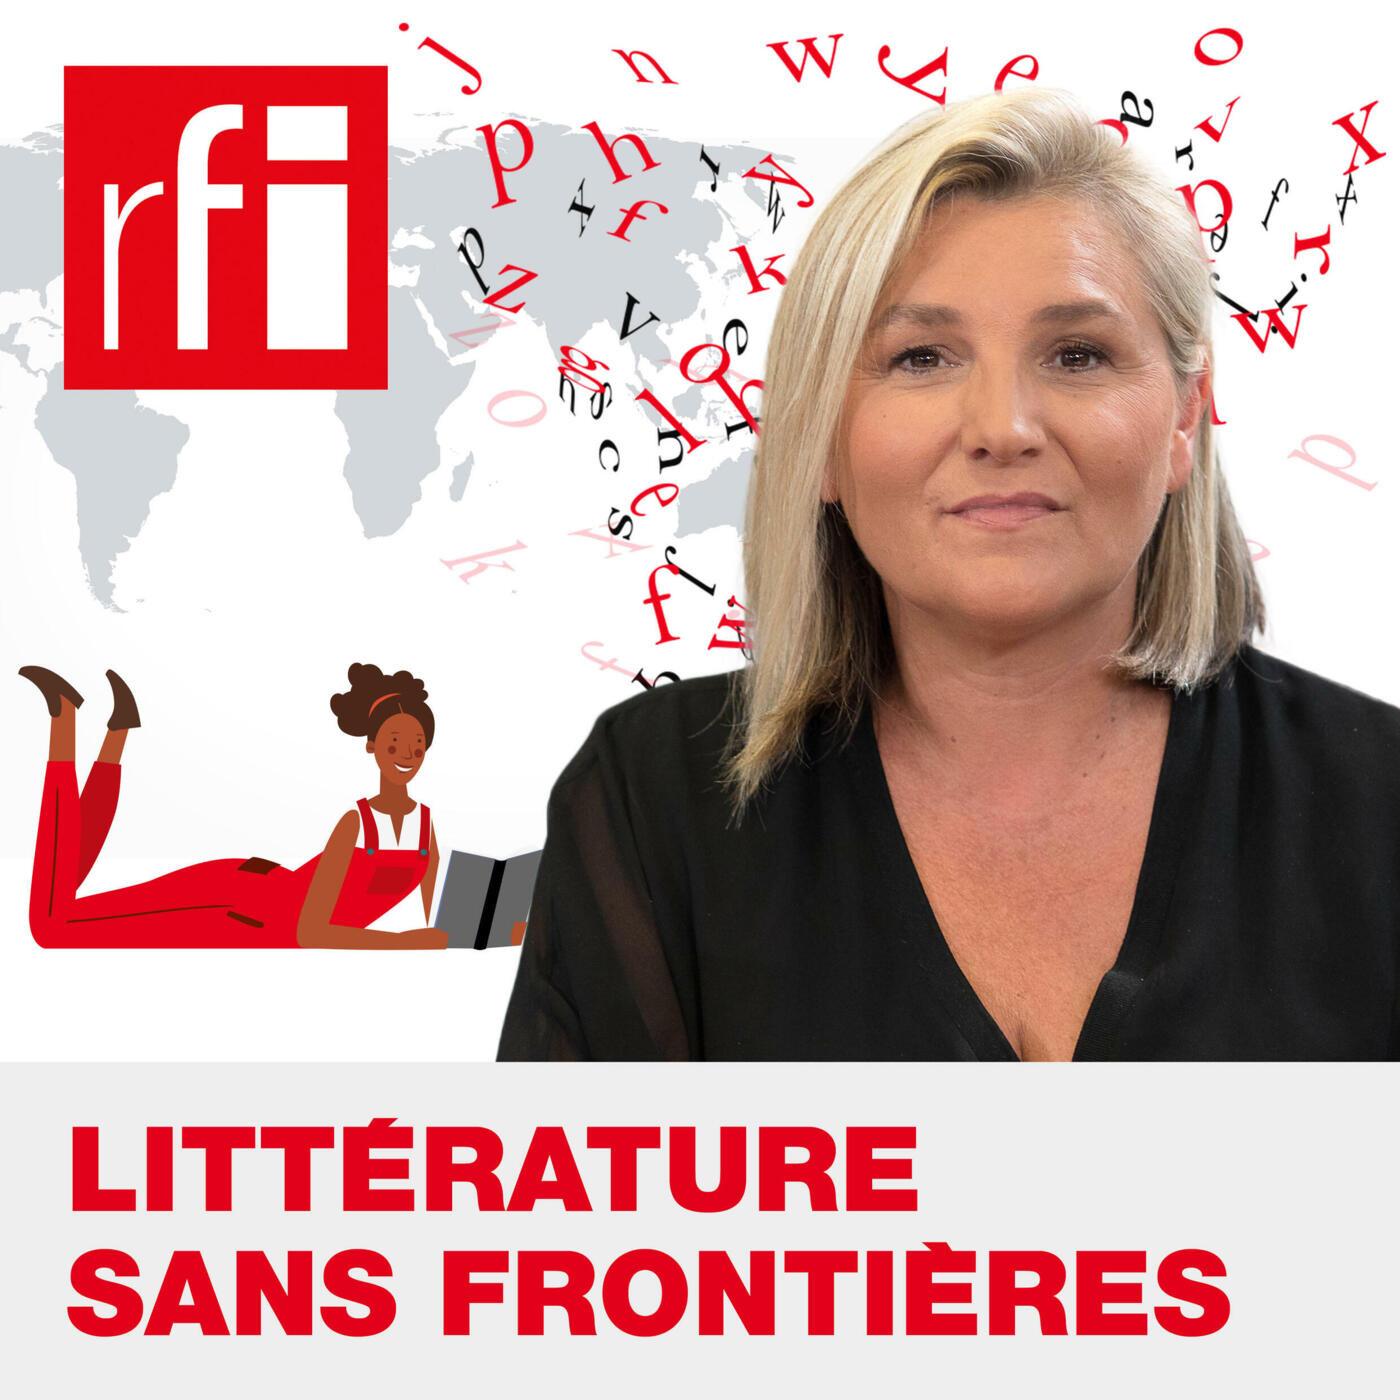 Littérature sans frontières - Une terre, une auteure: au Cameroun avec Anne-Sophie Stefanini